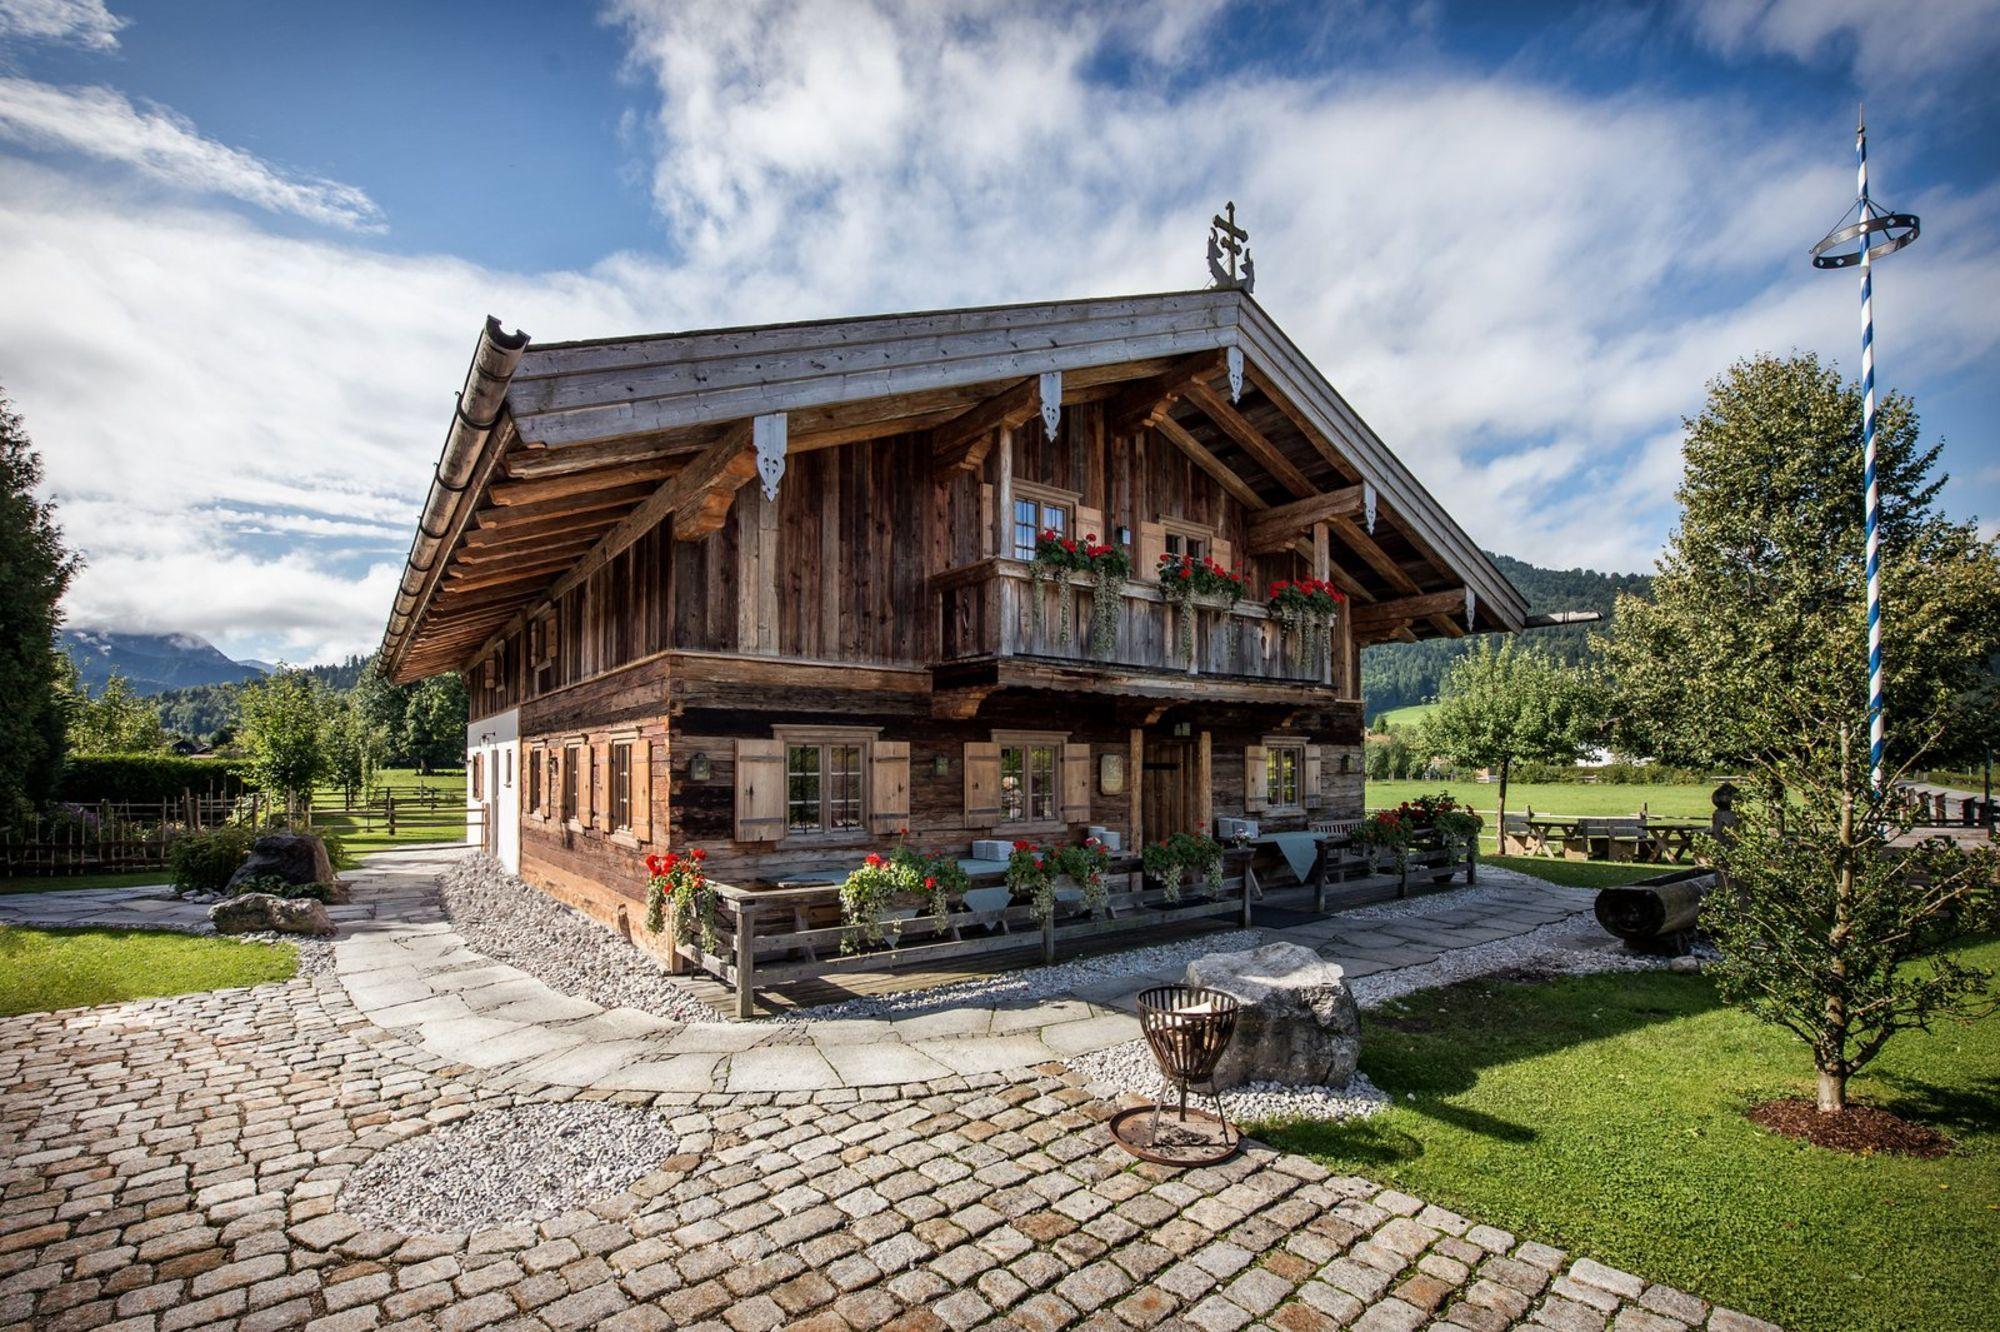 Tegernsee I Egerner Alm Landhausstil häuser, Chalet